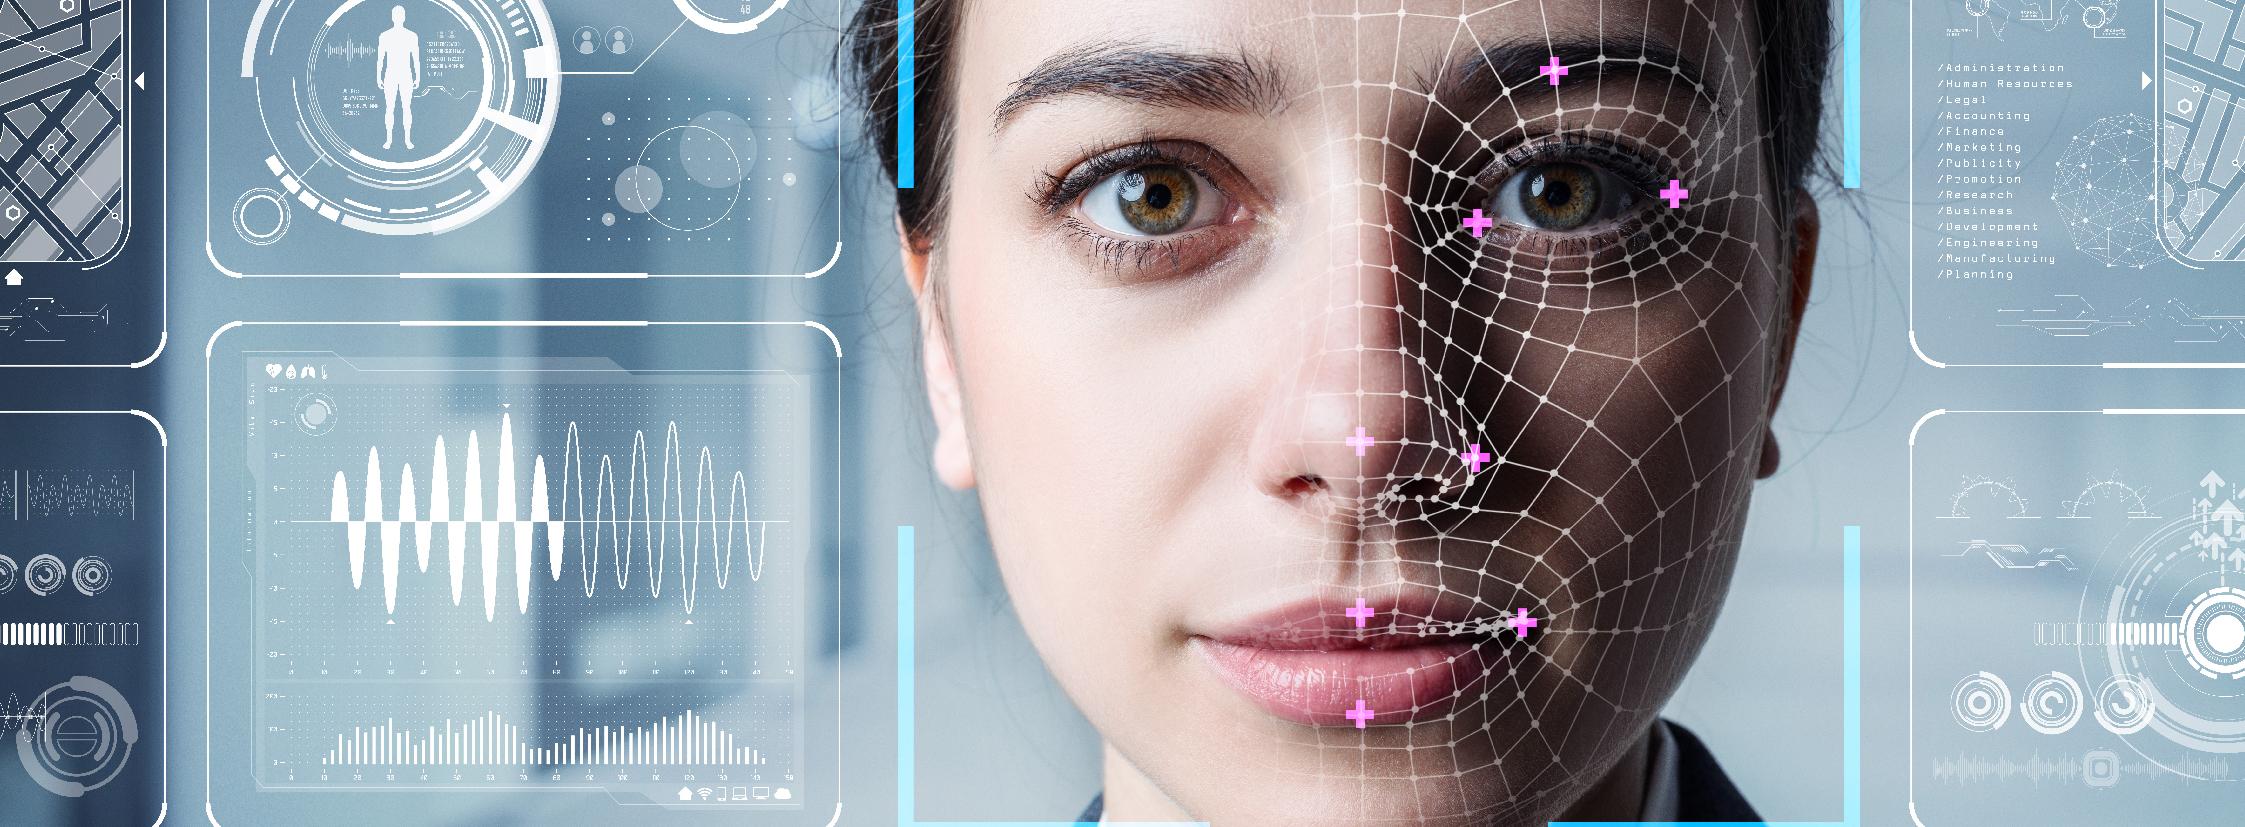 Datos biometricos Banca BHR Mexico SFAI